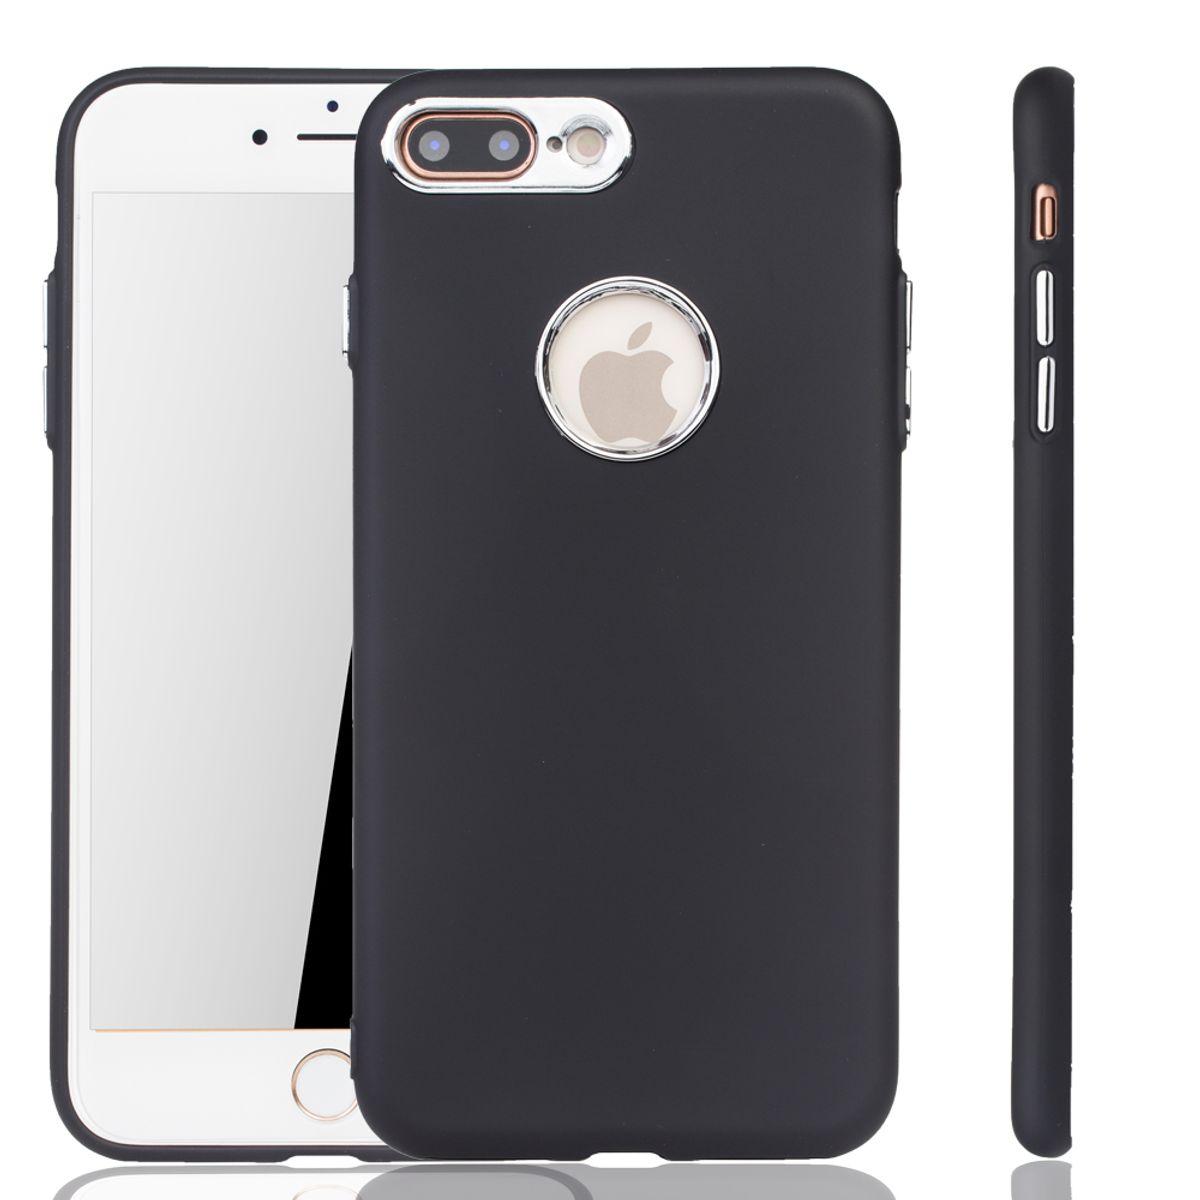 apple iphone 7 8 plus h lle handyh lle f r apple. Black Bedroom Furniture Sets. Home Design Ideas